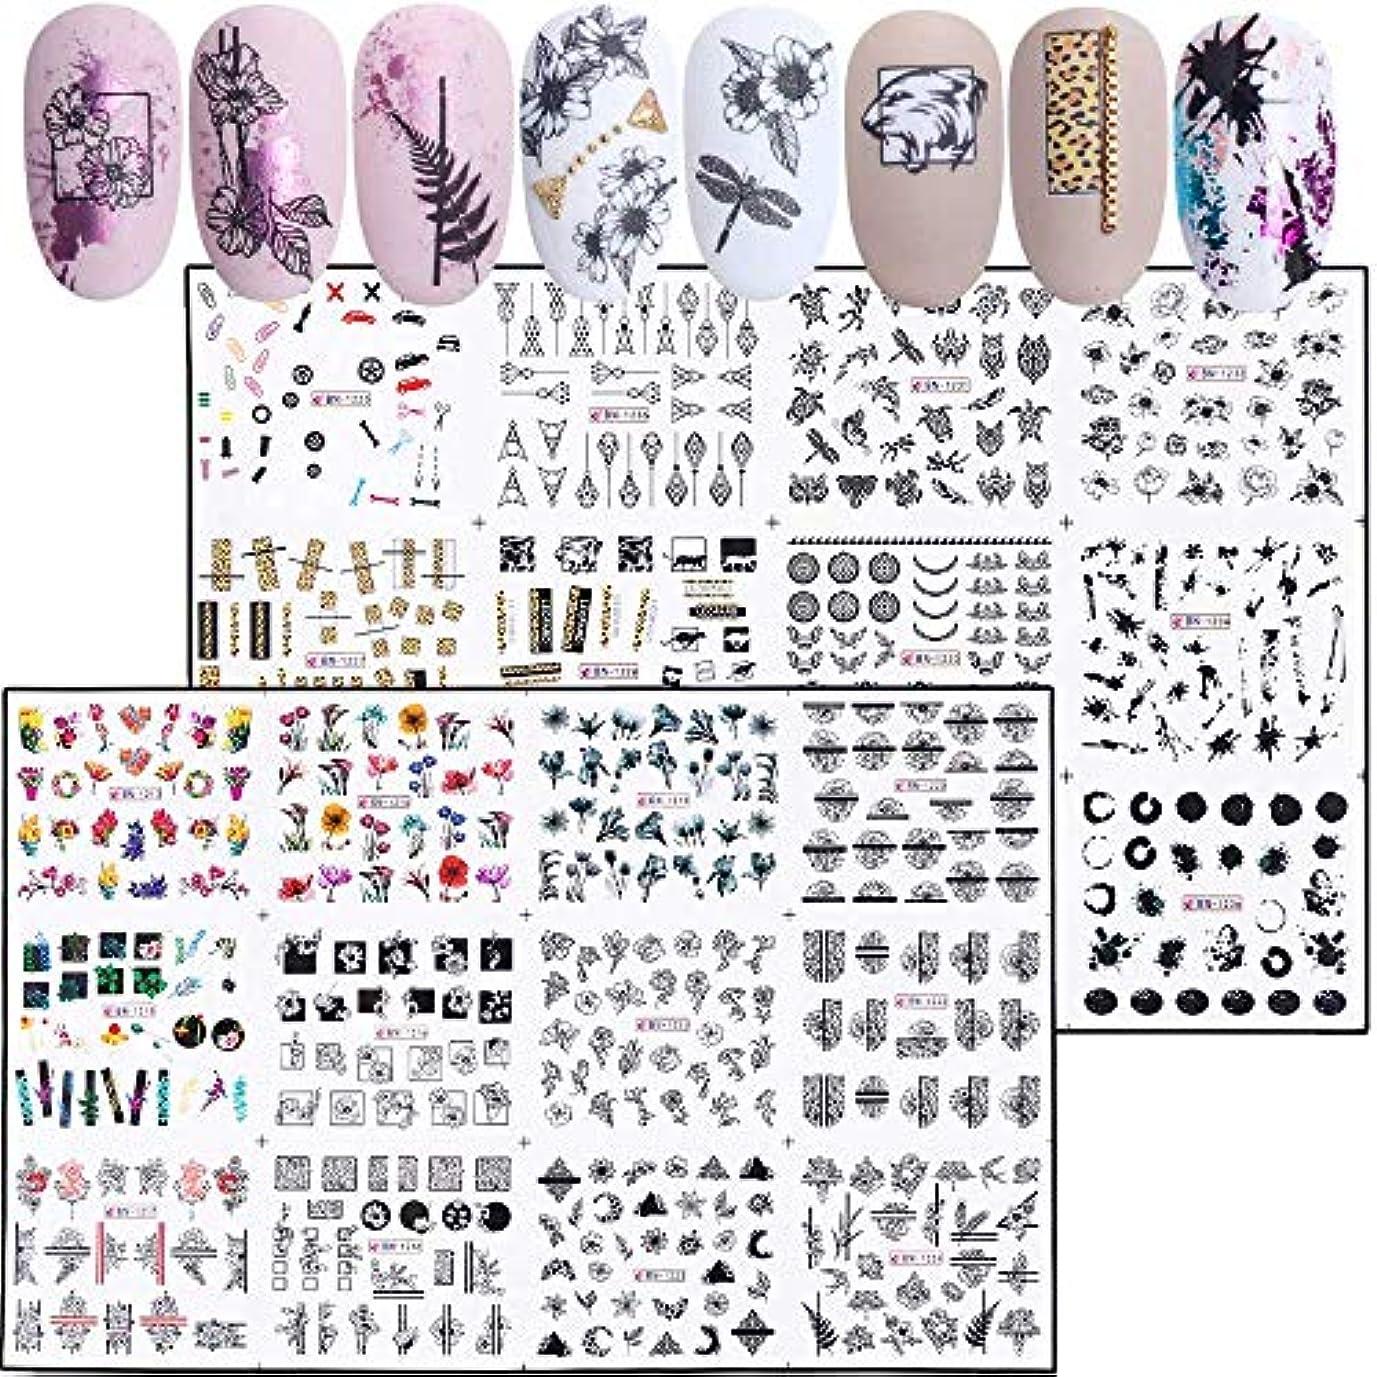 遅らせる生物学テンポSUKTI&XIAO ネイルステッカー 24ピース混合花セクシーなネイルステッカーセット夏の手紙デカールネイルアート水転写スライダーマニキュア